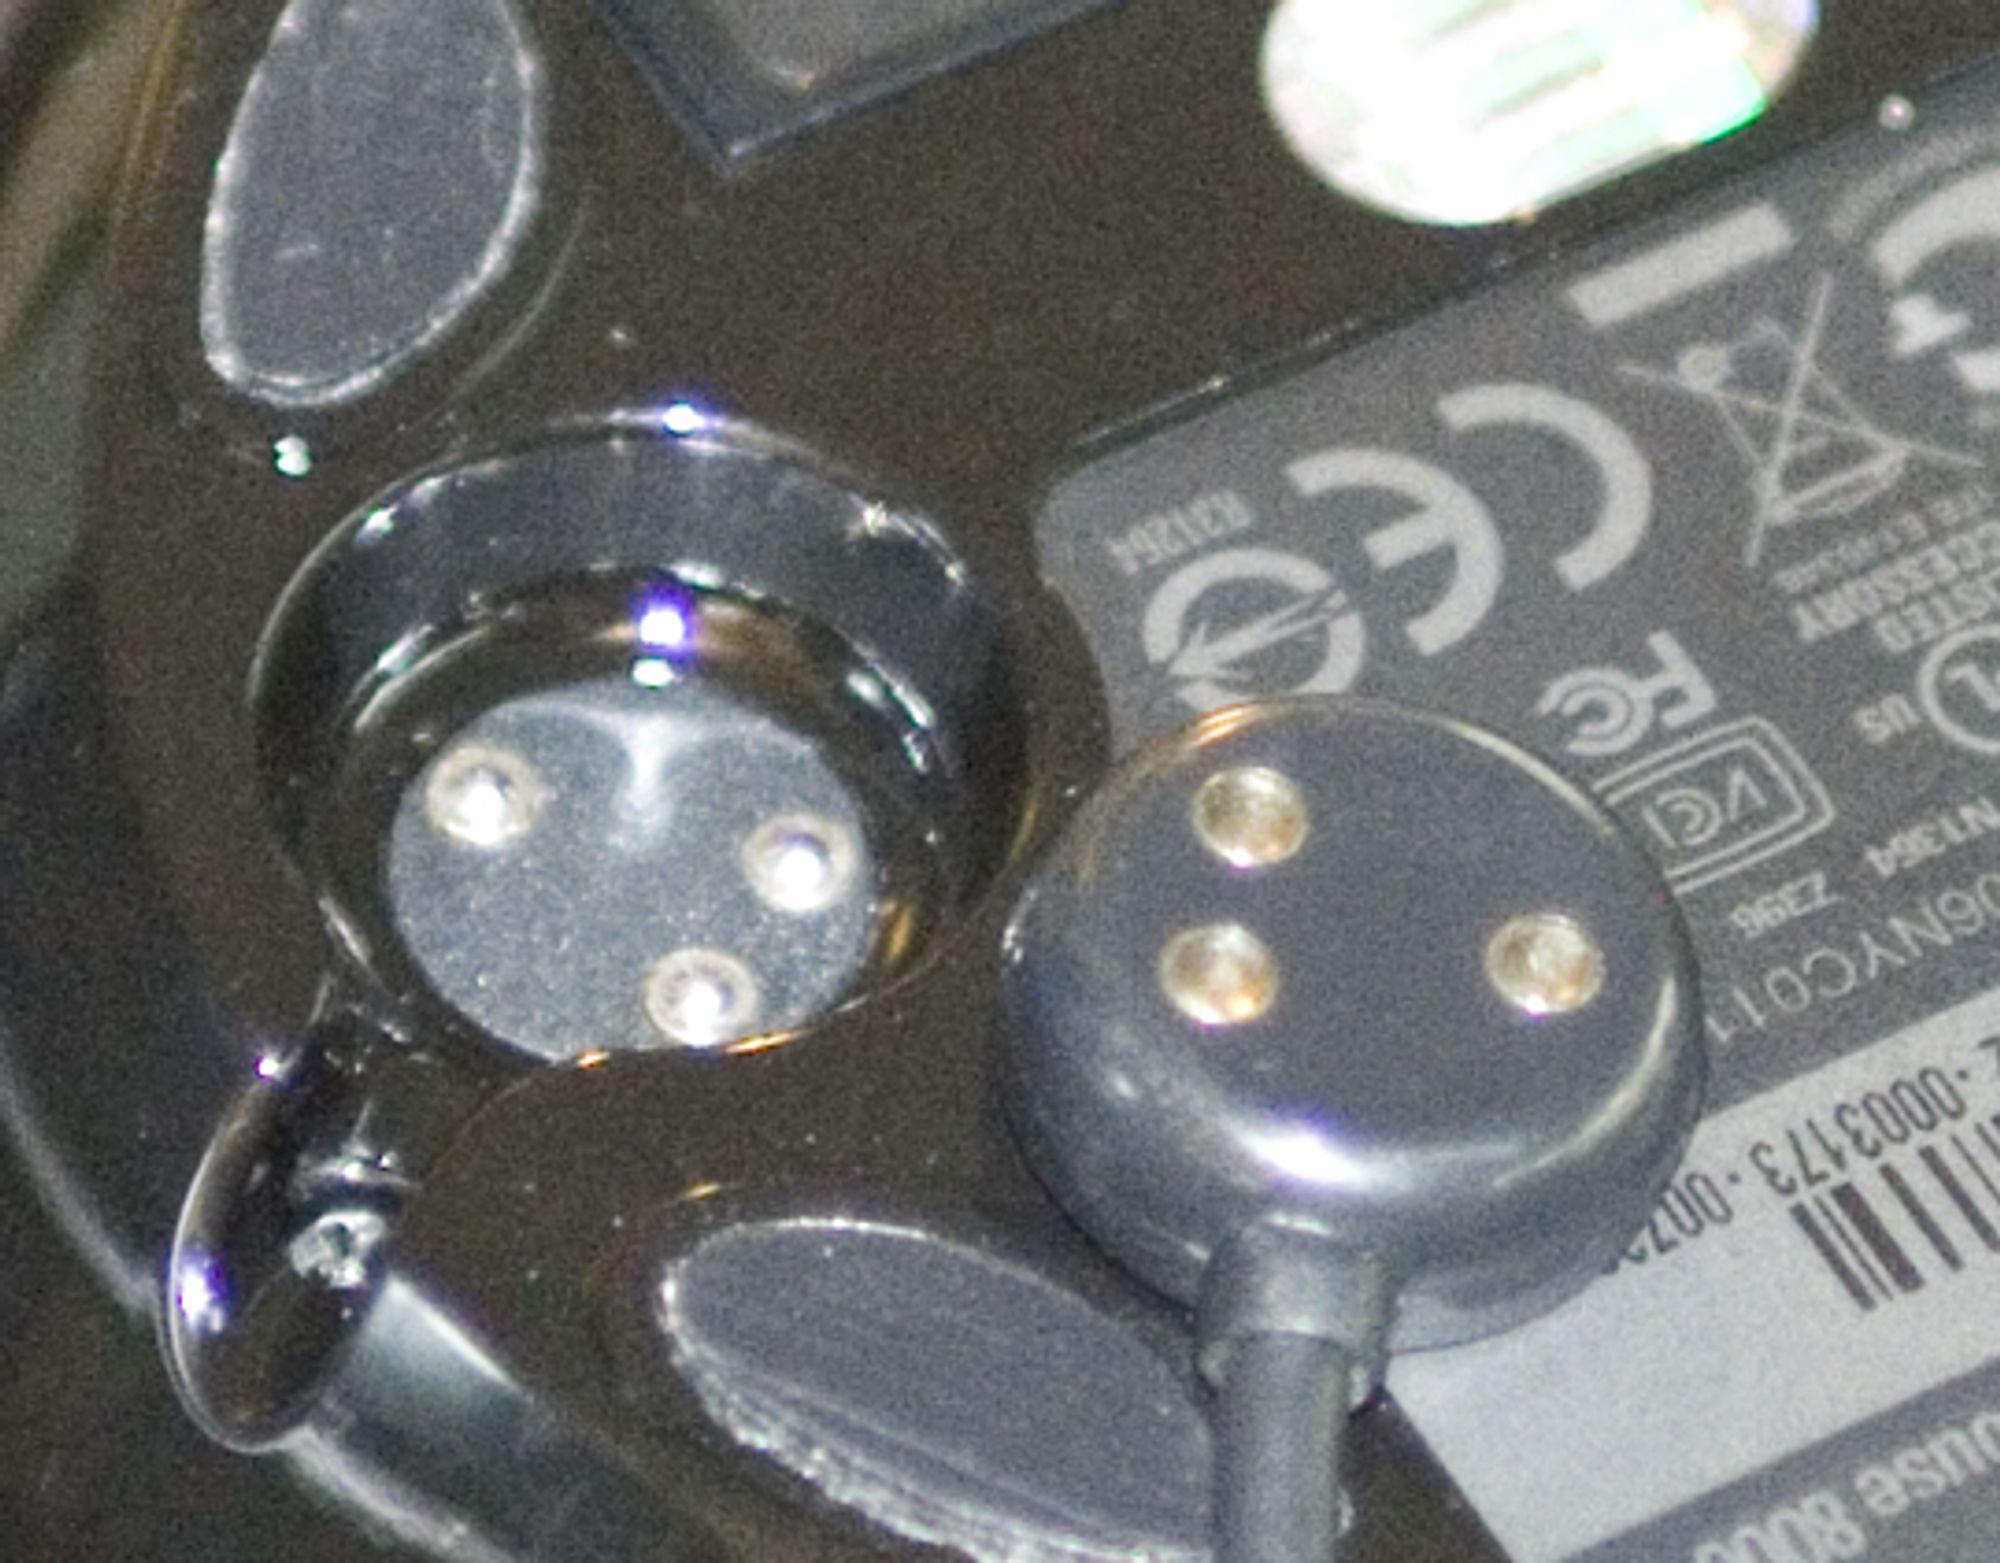 <em>Magnetfeste på Mobile Memory Mouse 8000</em>